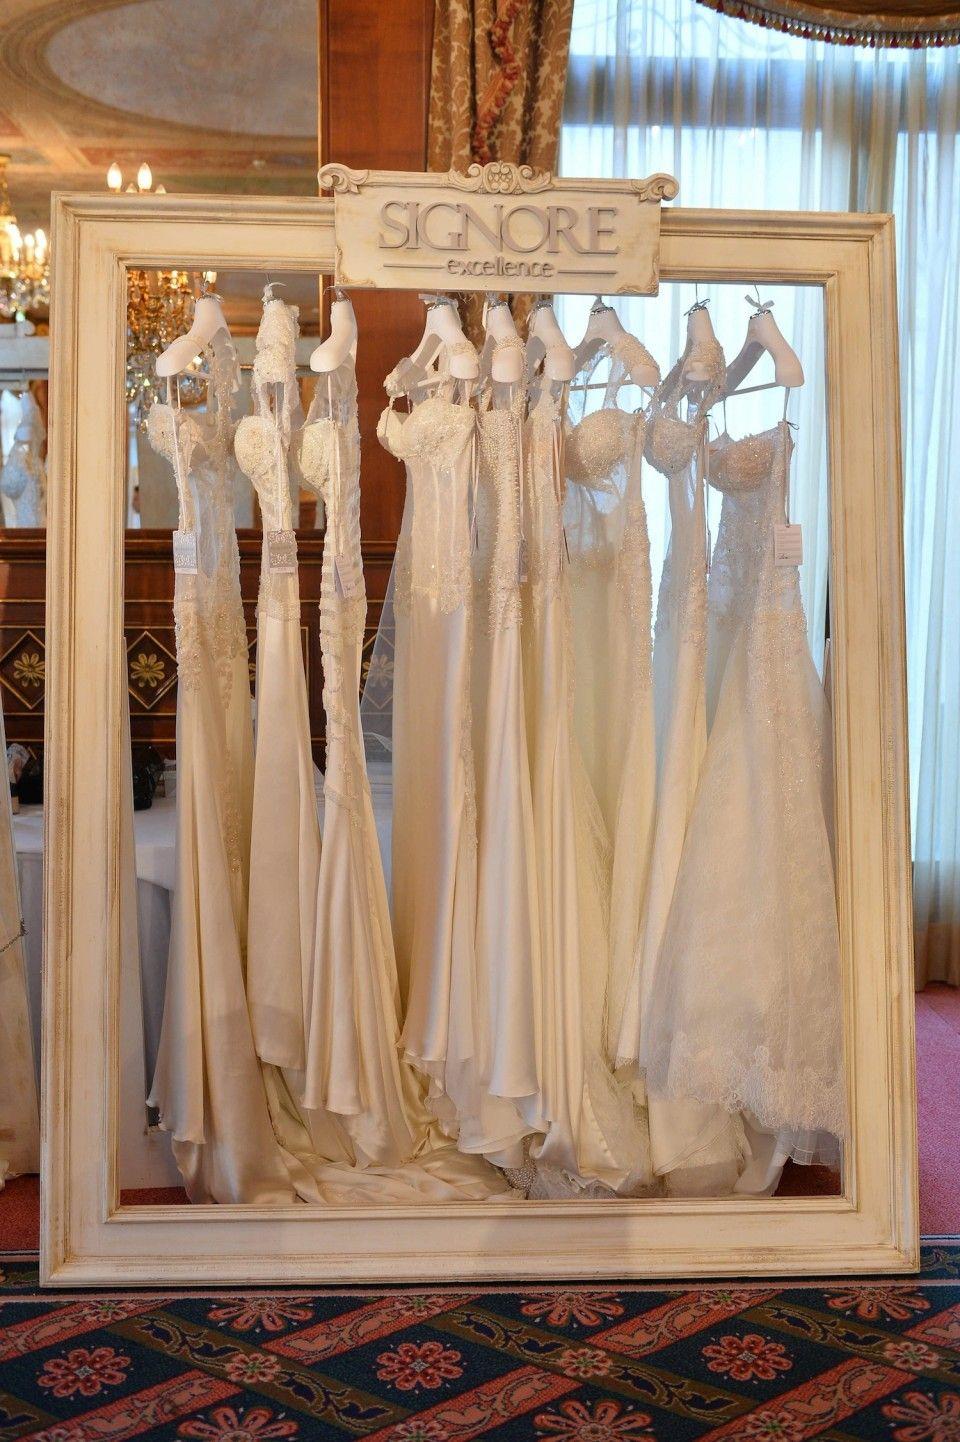 #ateliersignore #napoli #campania #wedding #swag #bride #sposa #tuttosposi #matrimonio #seductions #valeriamarini #milano